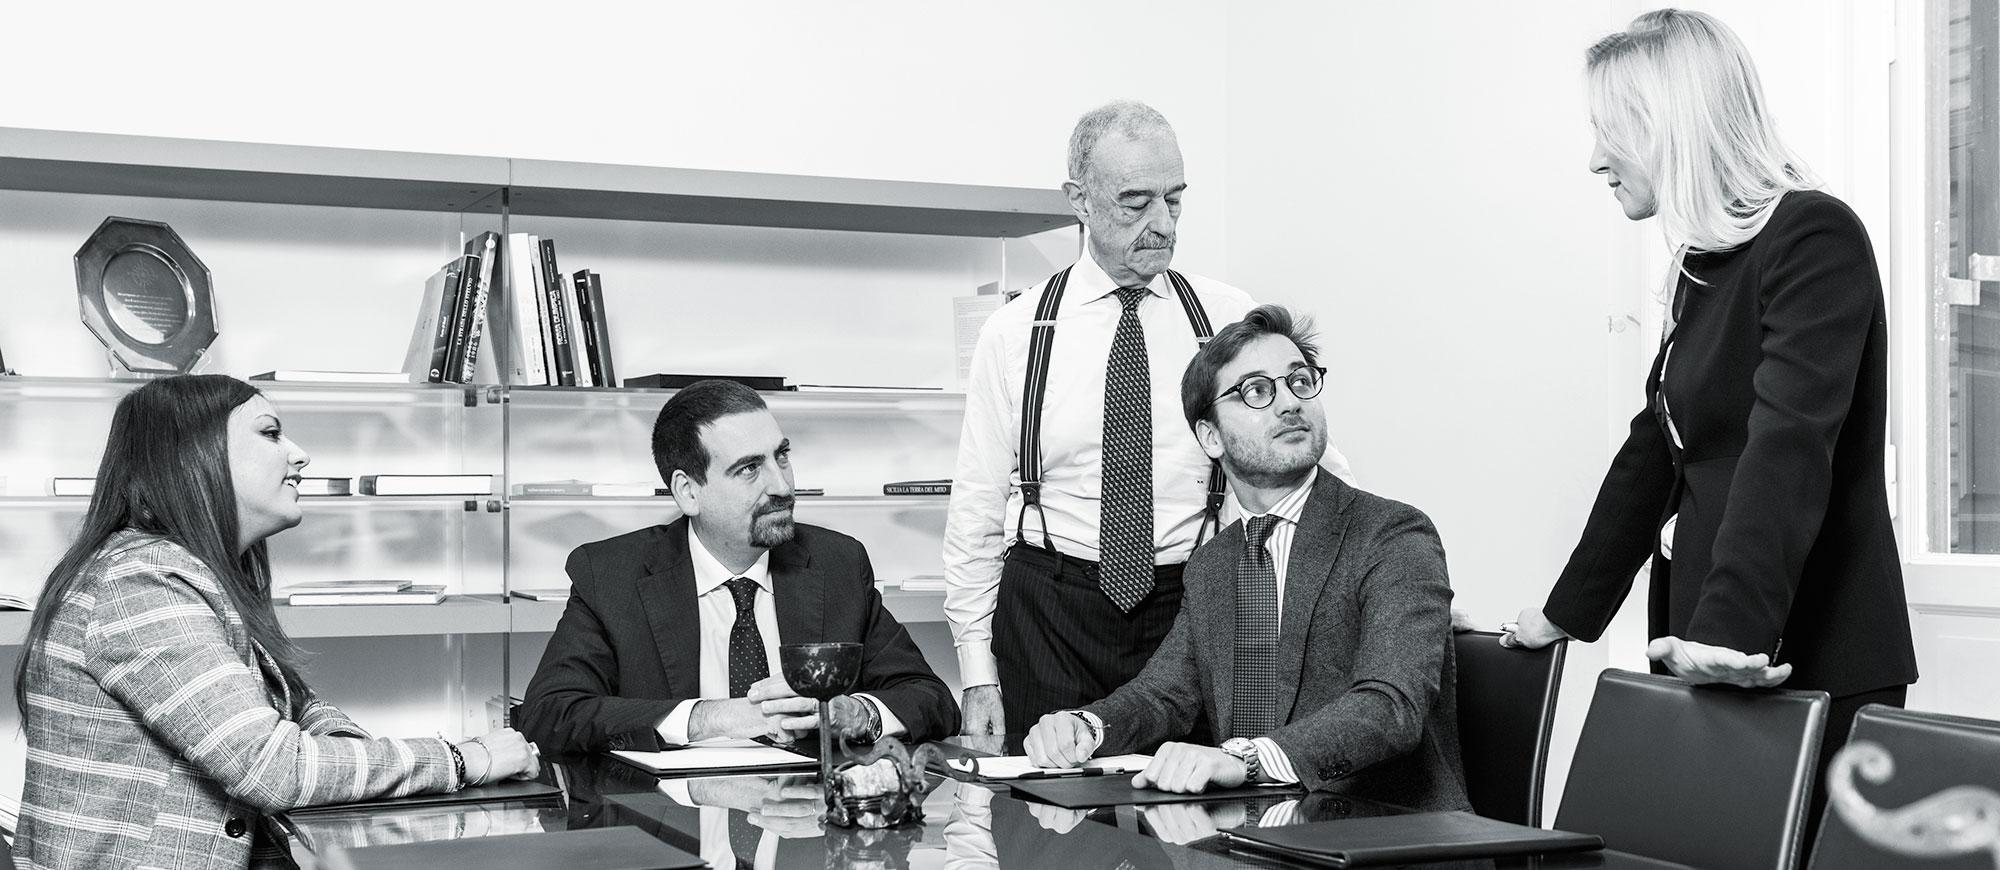 Piselli and Partners studio legale Roma dipartimento contrattualistica pubblica internazionale